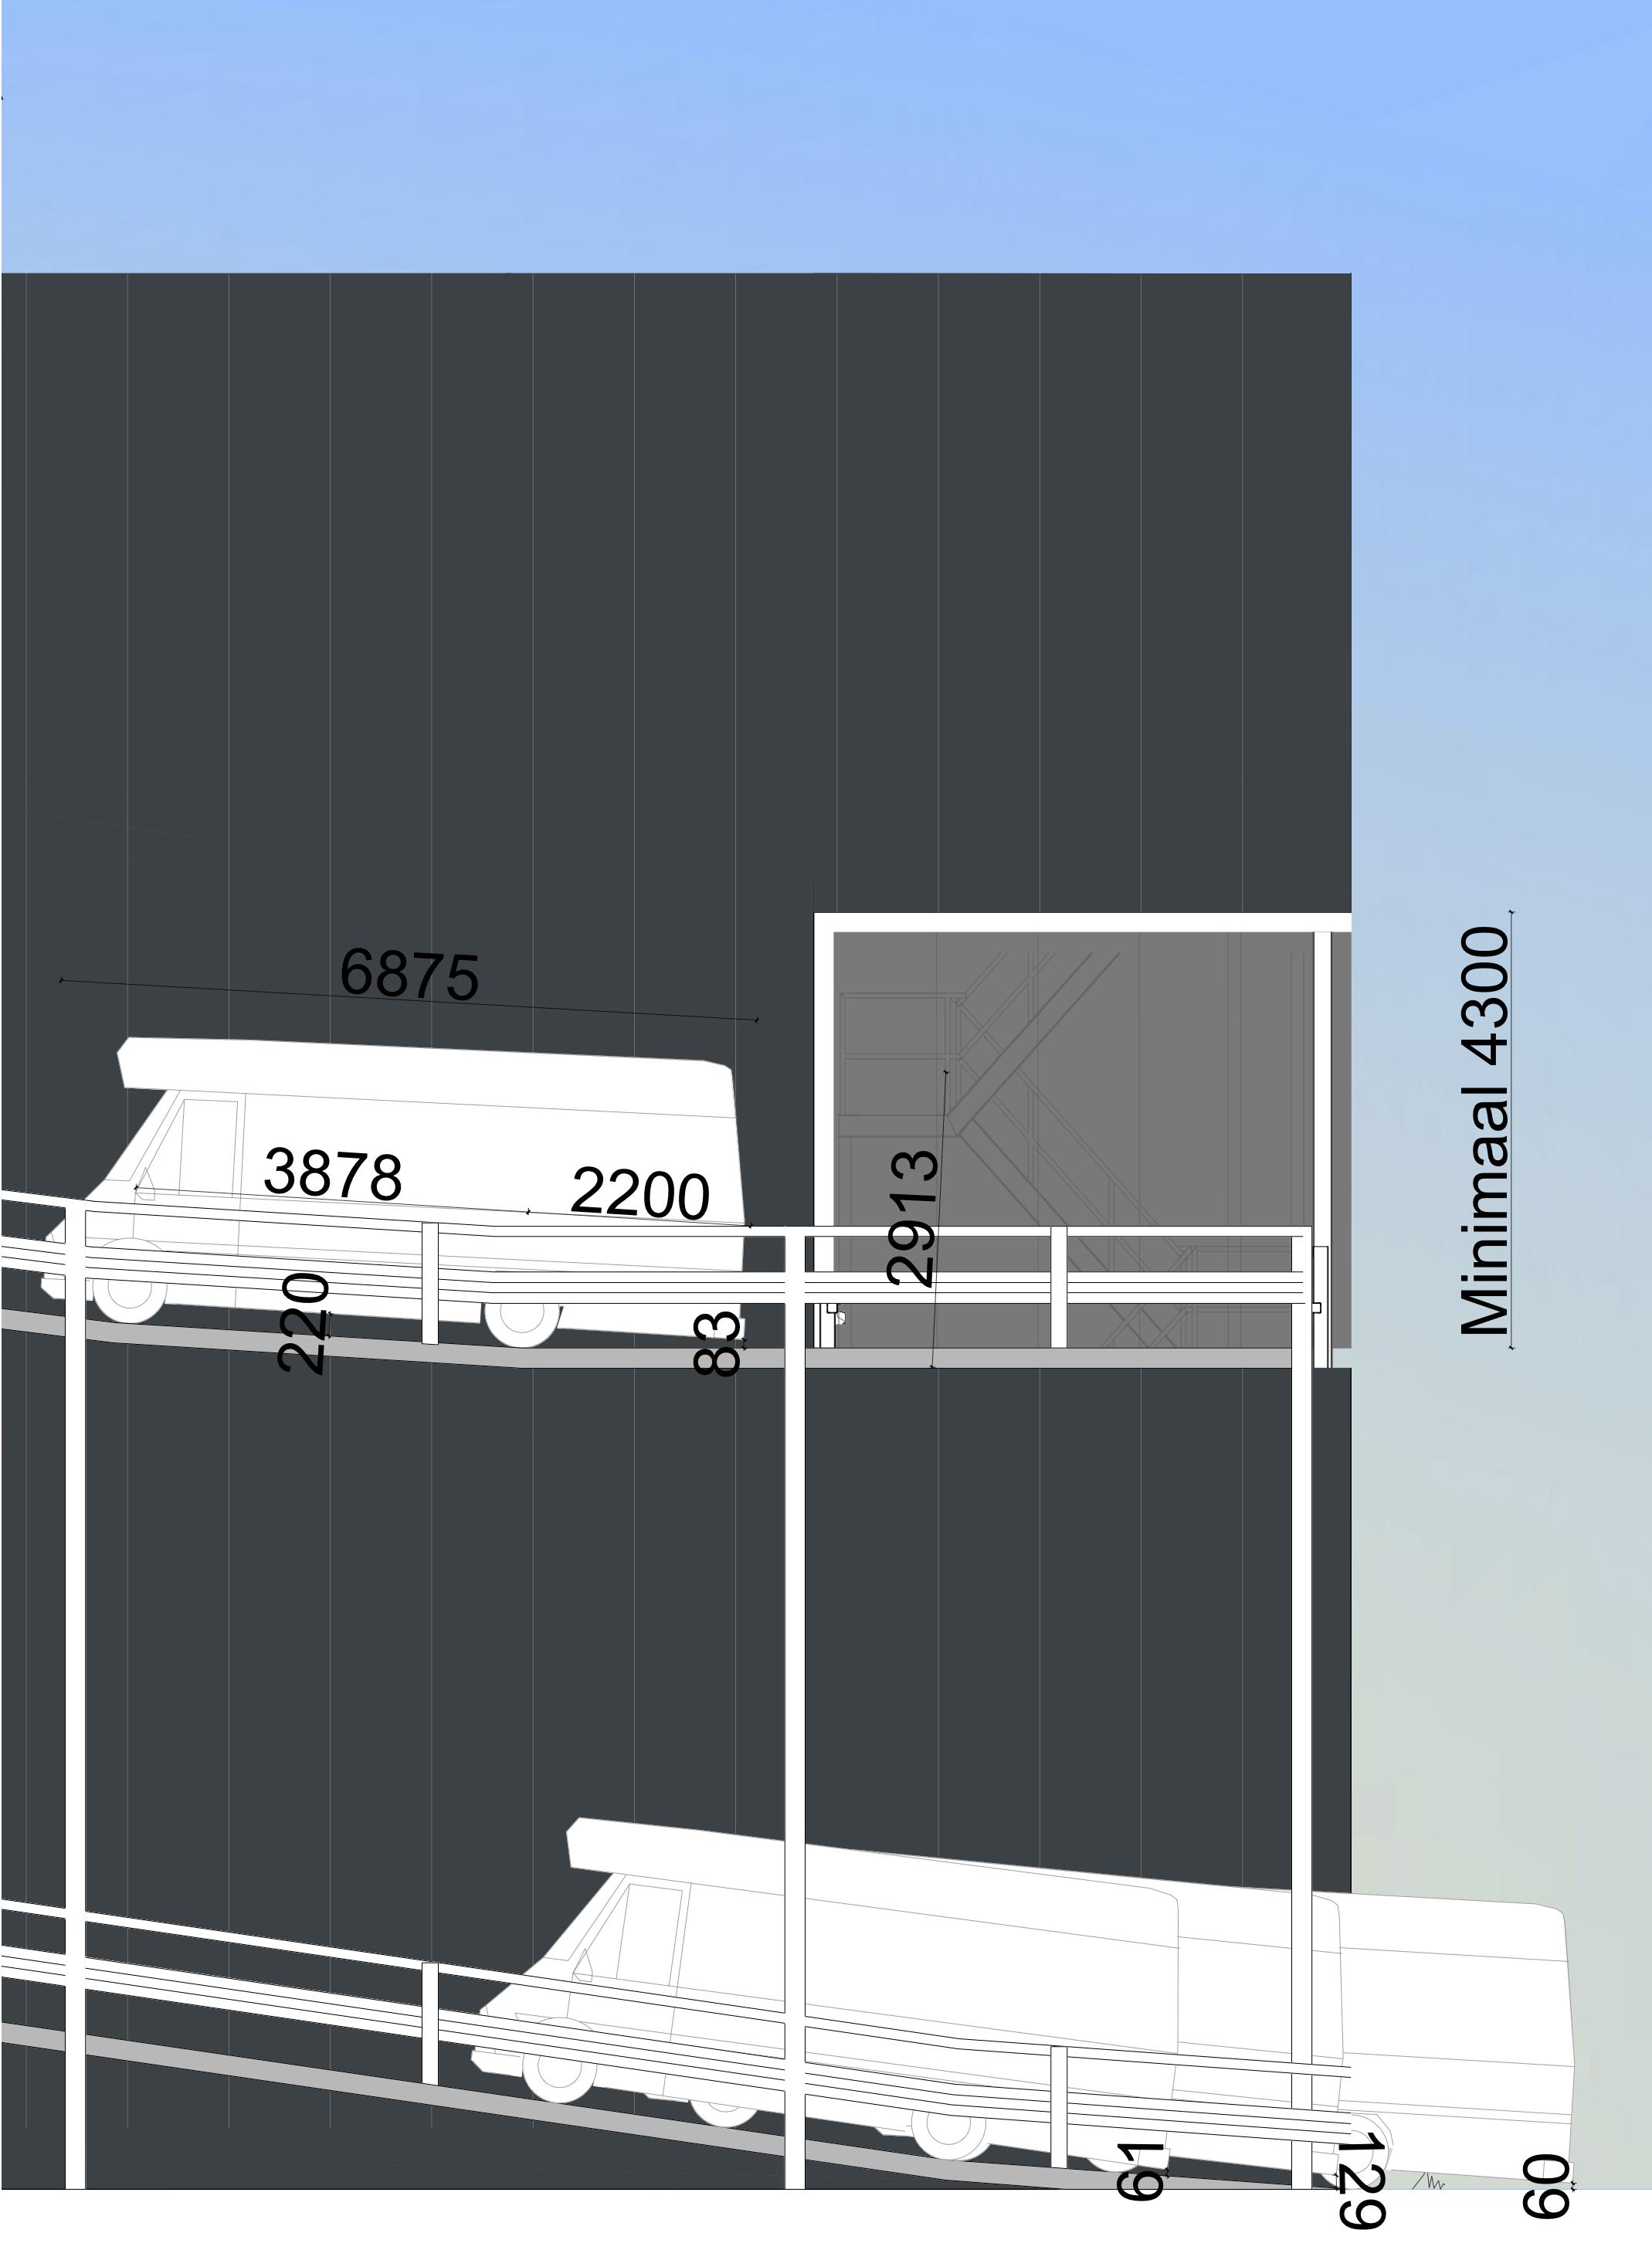 5916 Boxx Velsen Noord BK VII Camper hellingbaan 1